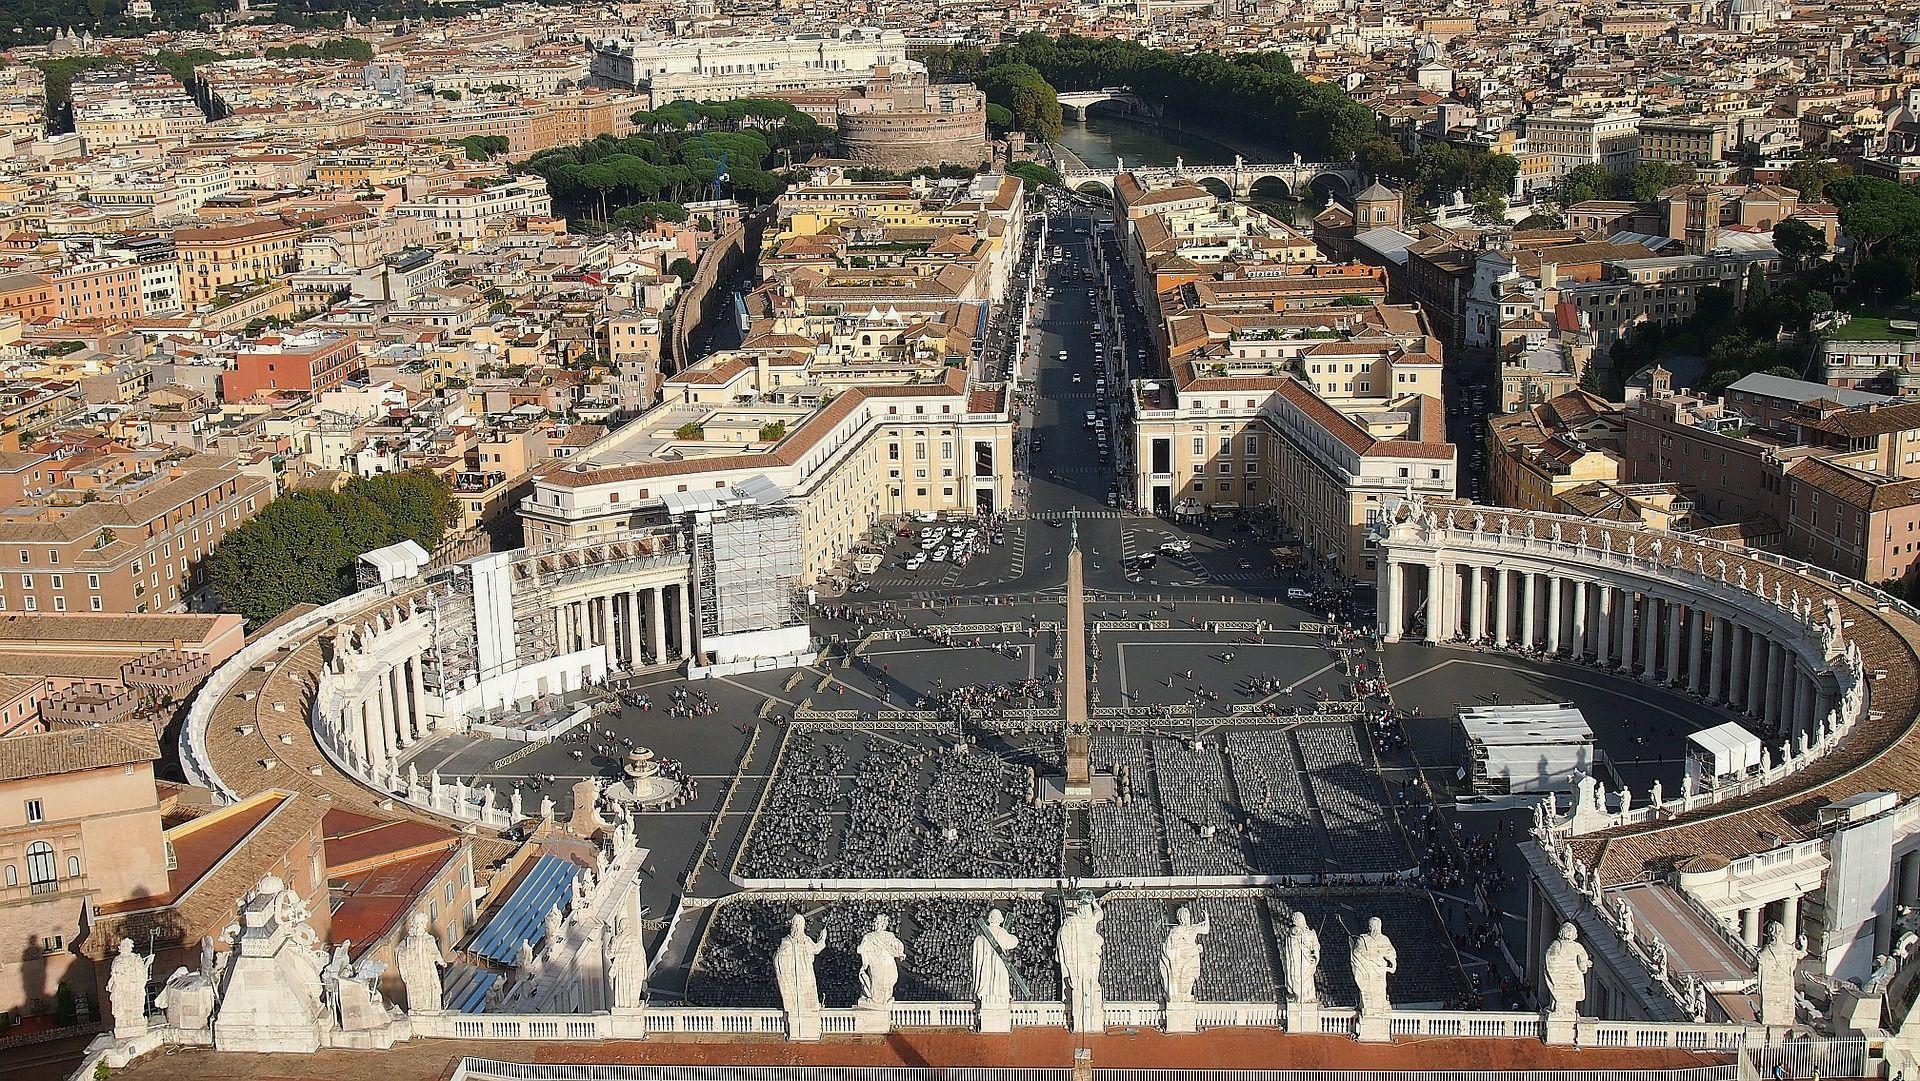 Watykan nie jest tak tajemniczy, jak się wydaje (fot. pixabay.com)